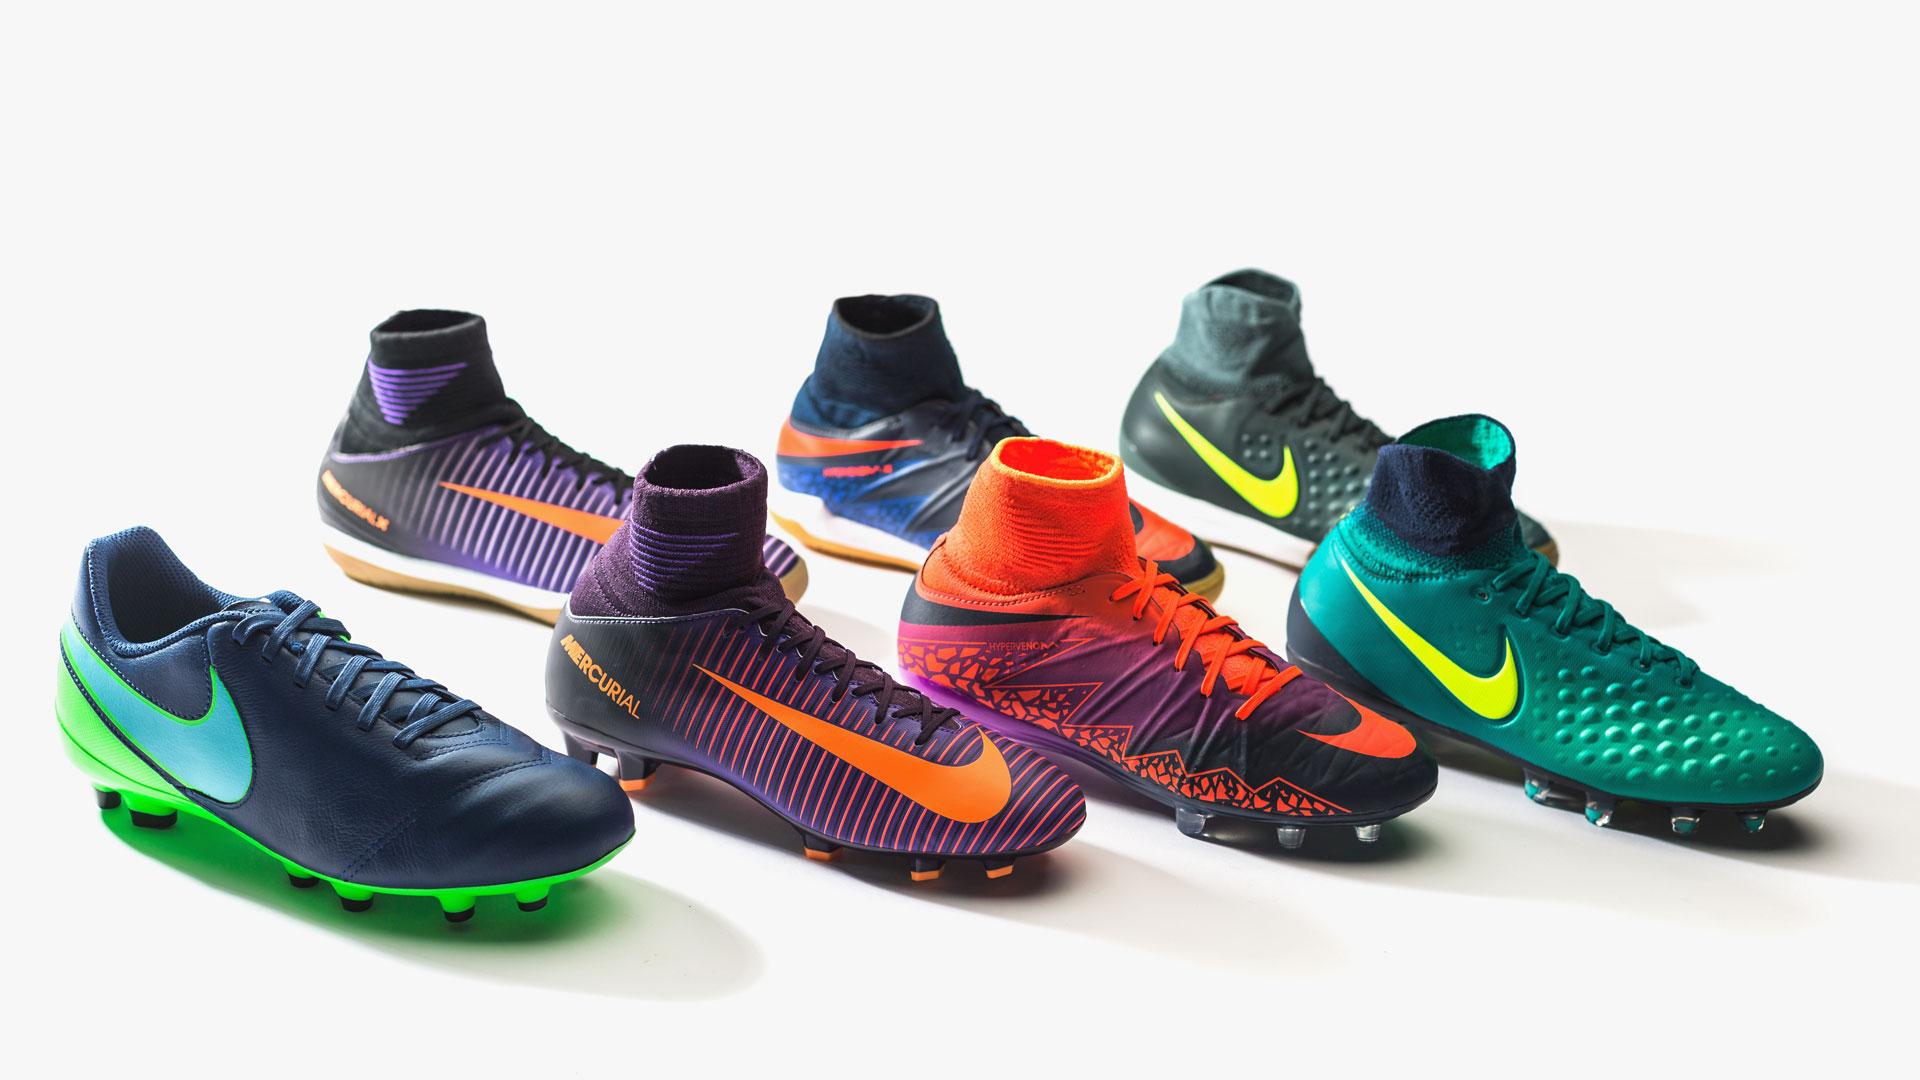 5d7a9ce8cf1 Nike Floodlights Pack   découvrons la version pour enfants